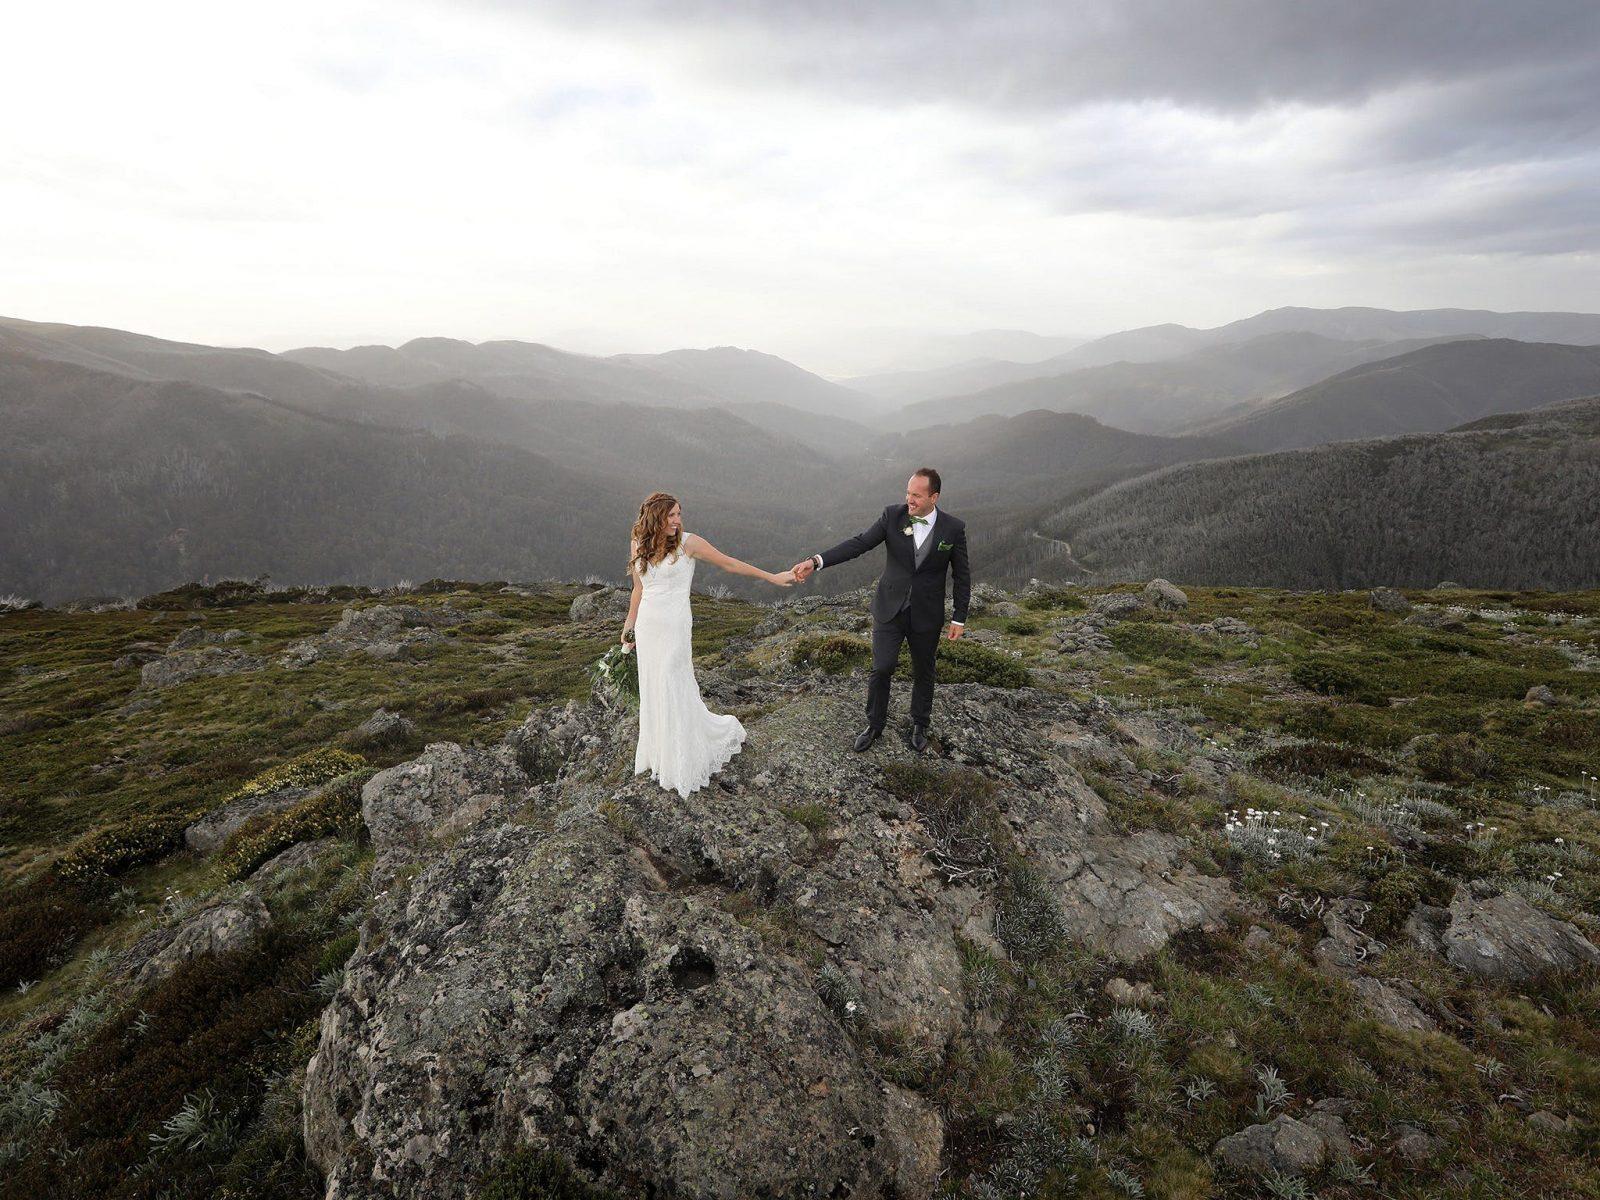 Wedding Photographer Falls Creek Mount Beauty Photography QT Resort Mountain snow fields elopement